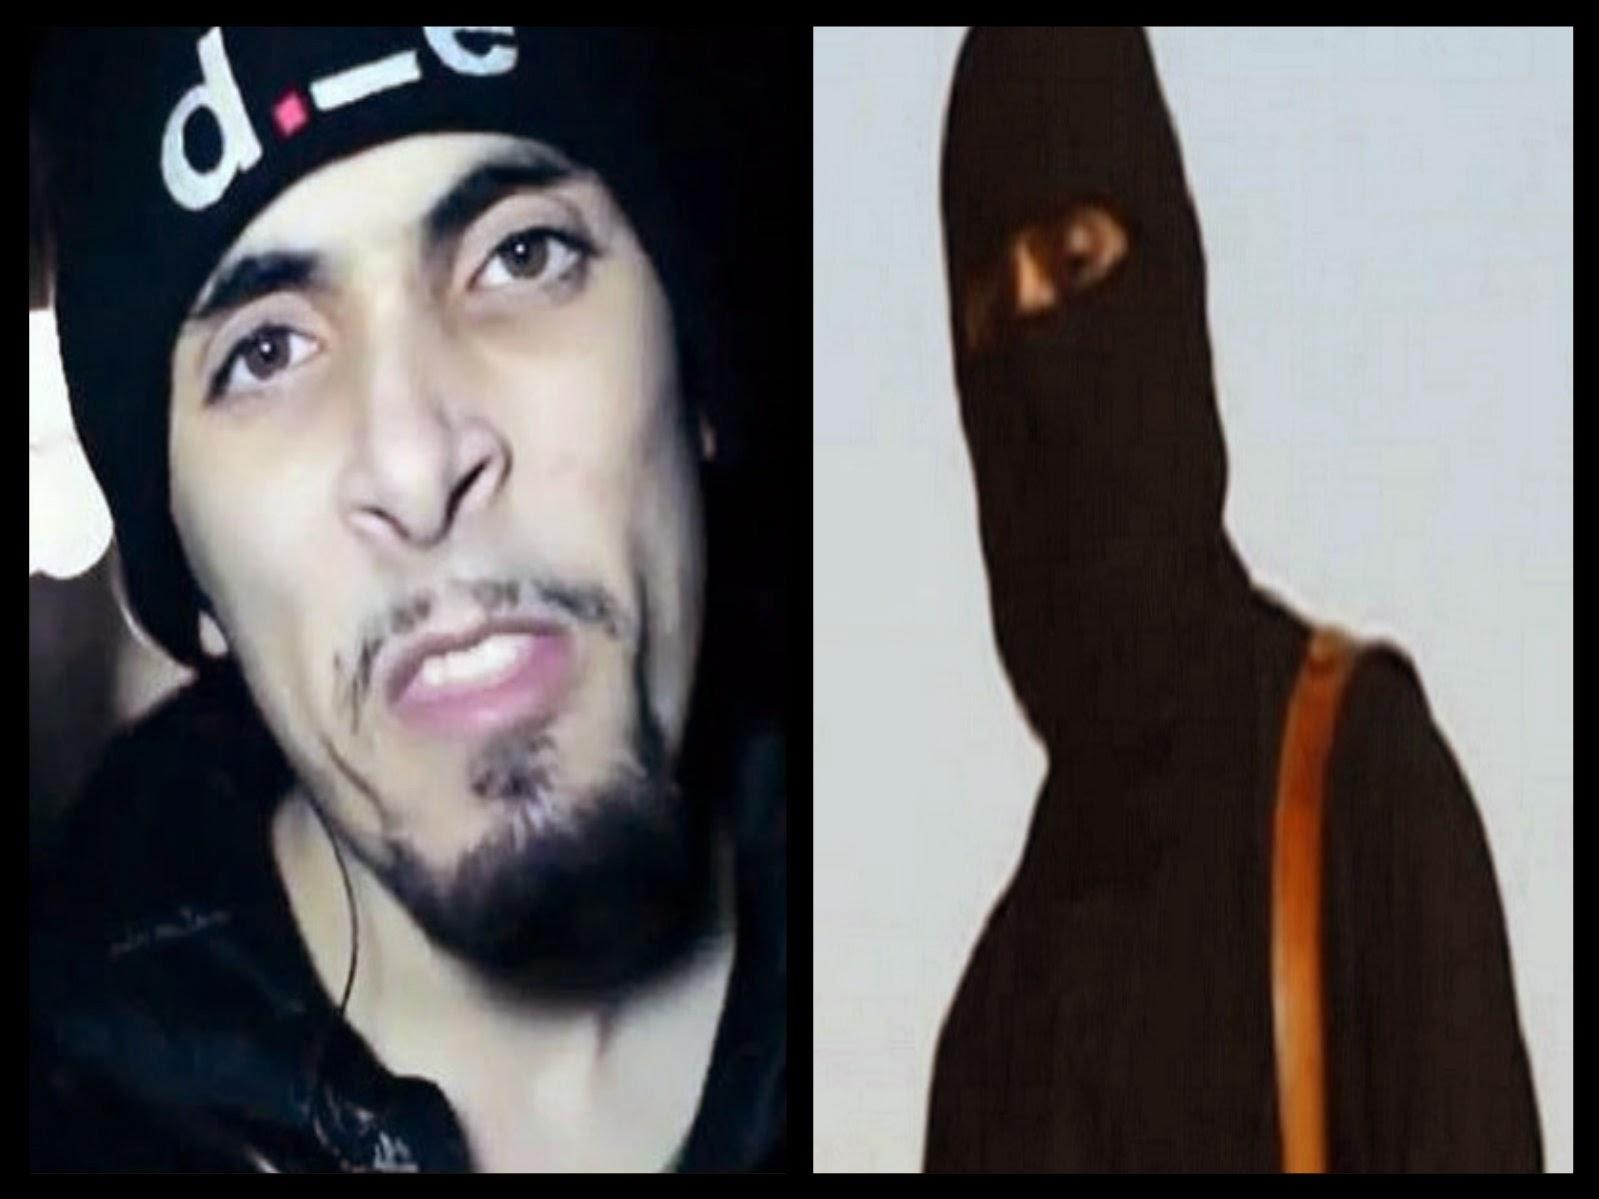 المخابرات الأمريكية تؤكد هروب ذباح داعش إلى ليبيا